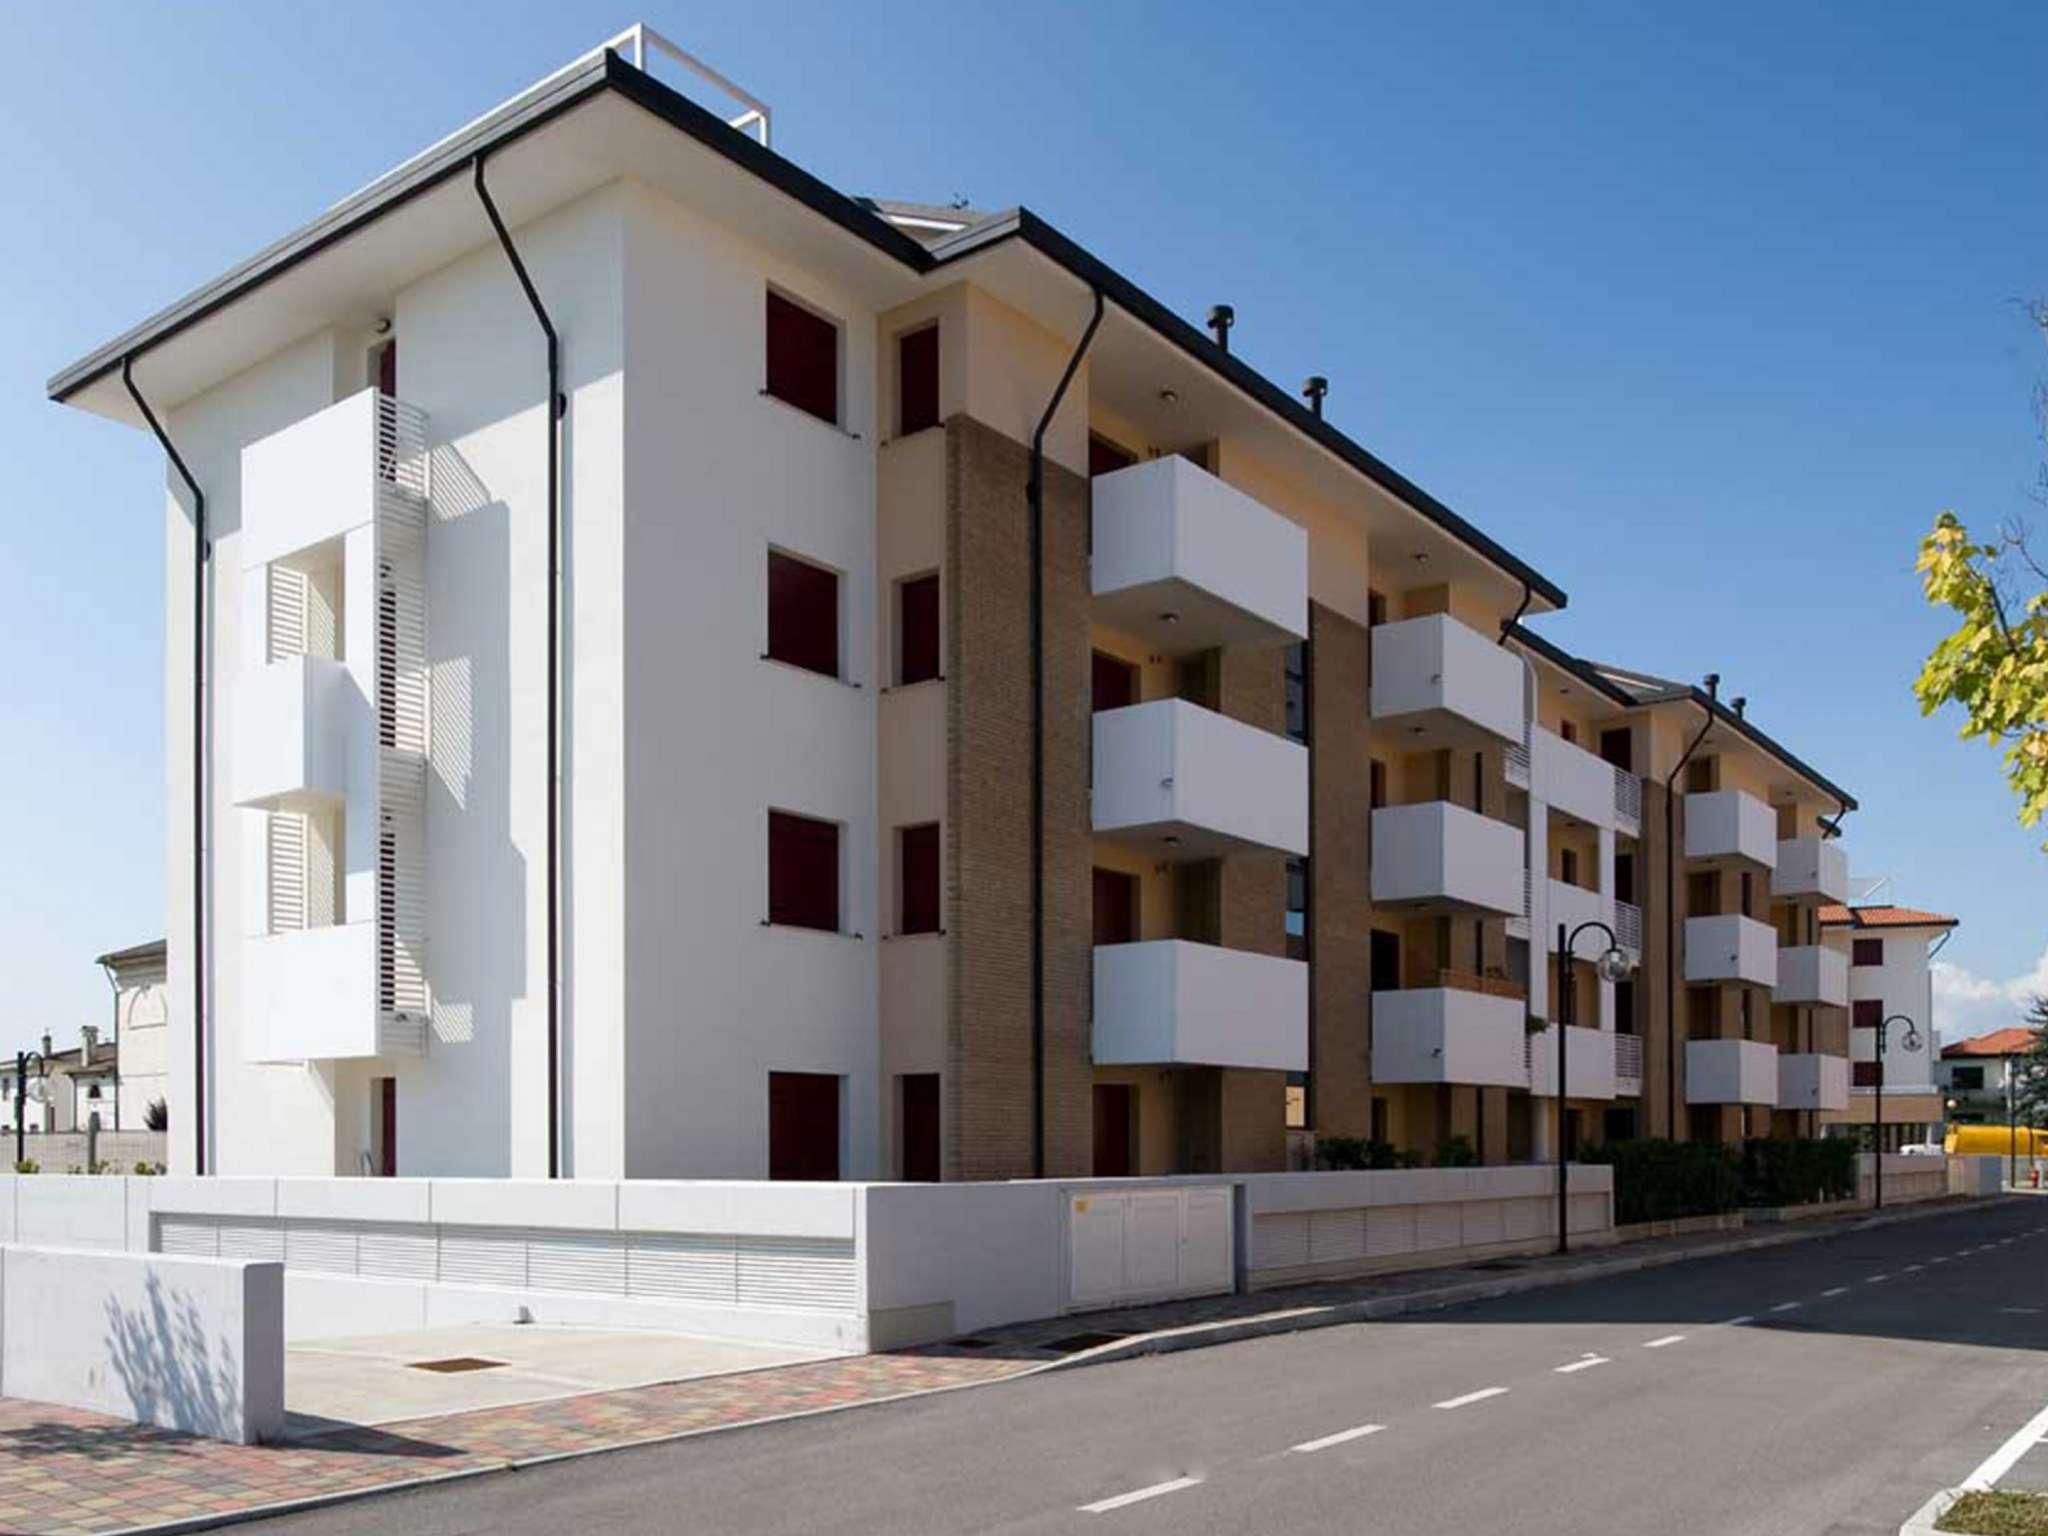 Appartamento in vendita a Paese, 6 locali, prezzo € 268.000 | PortaleAgenzieImmobiliari.it